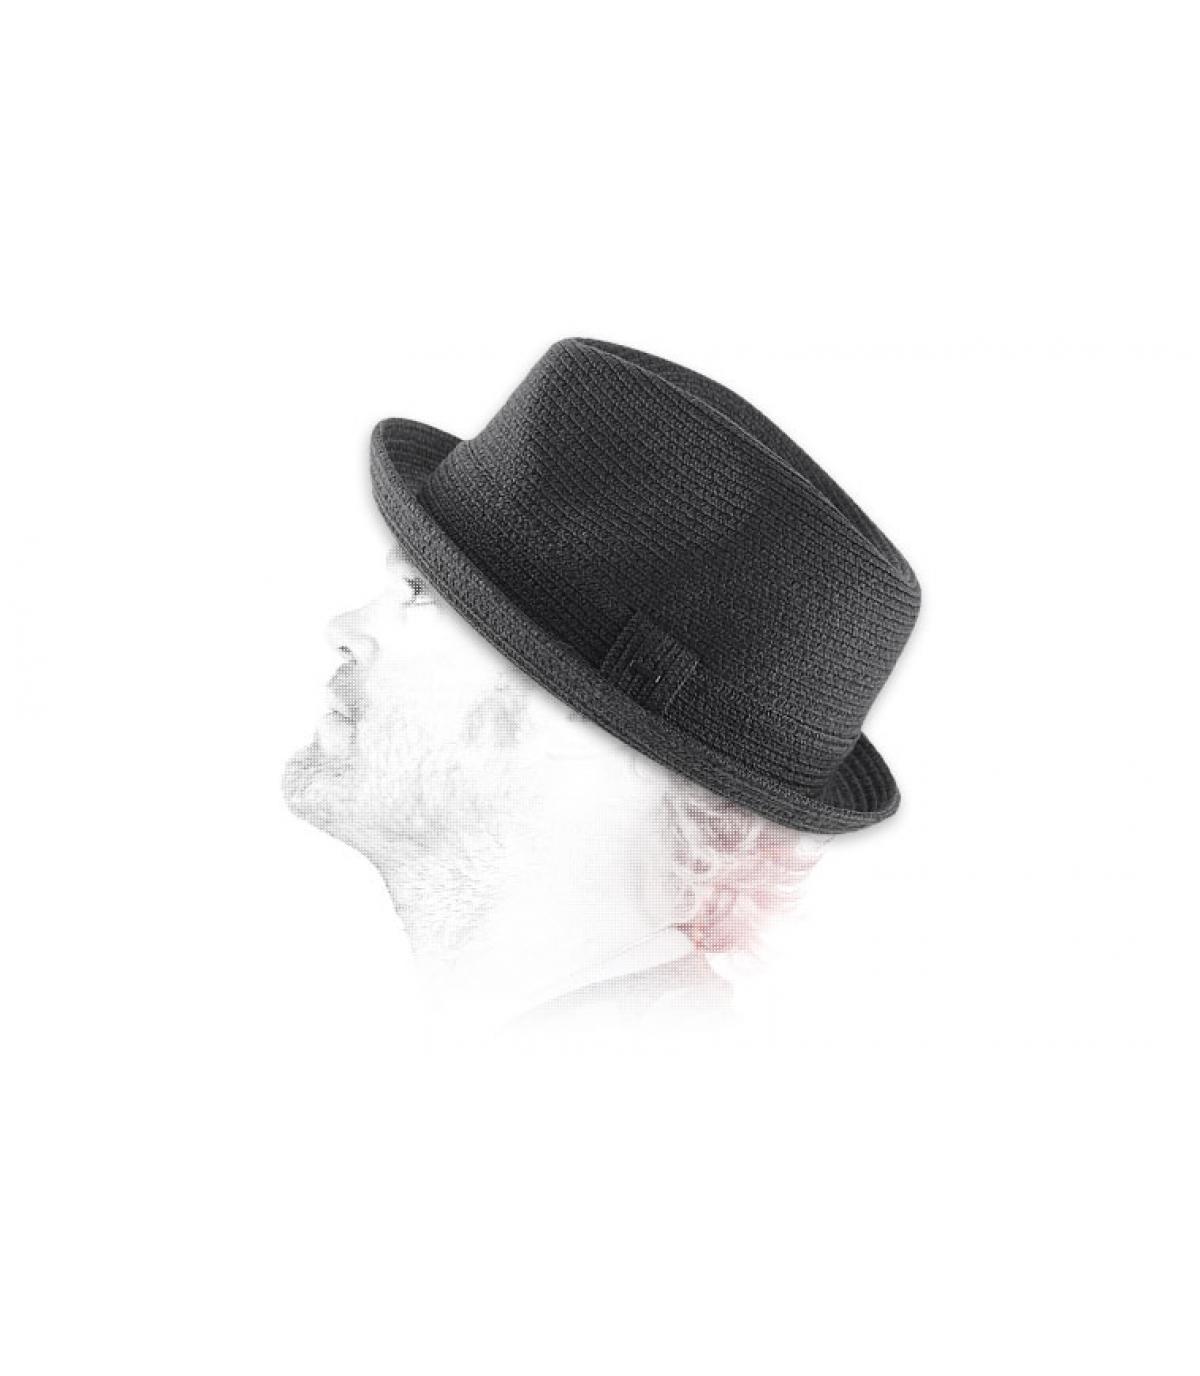 Details Billy zwarte hoed - afbeeling 3